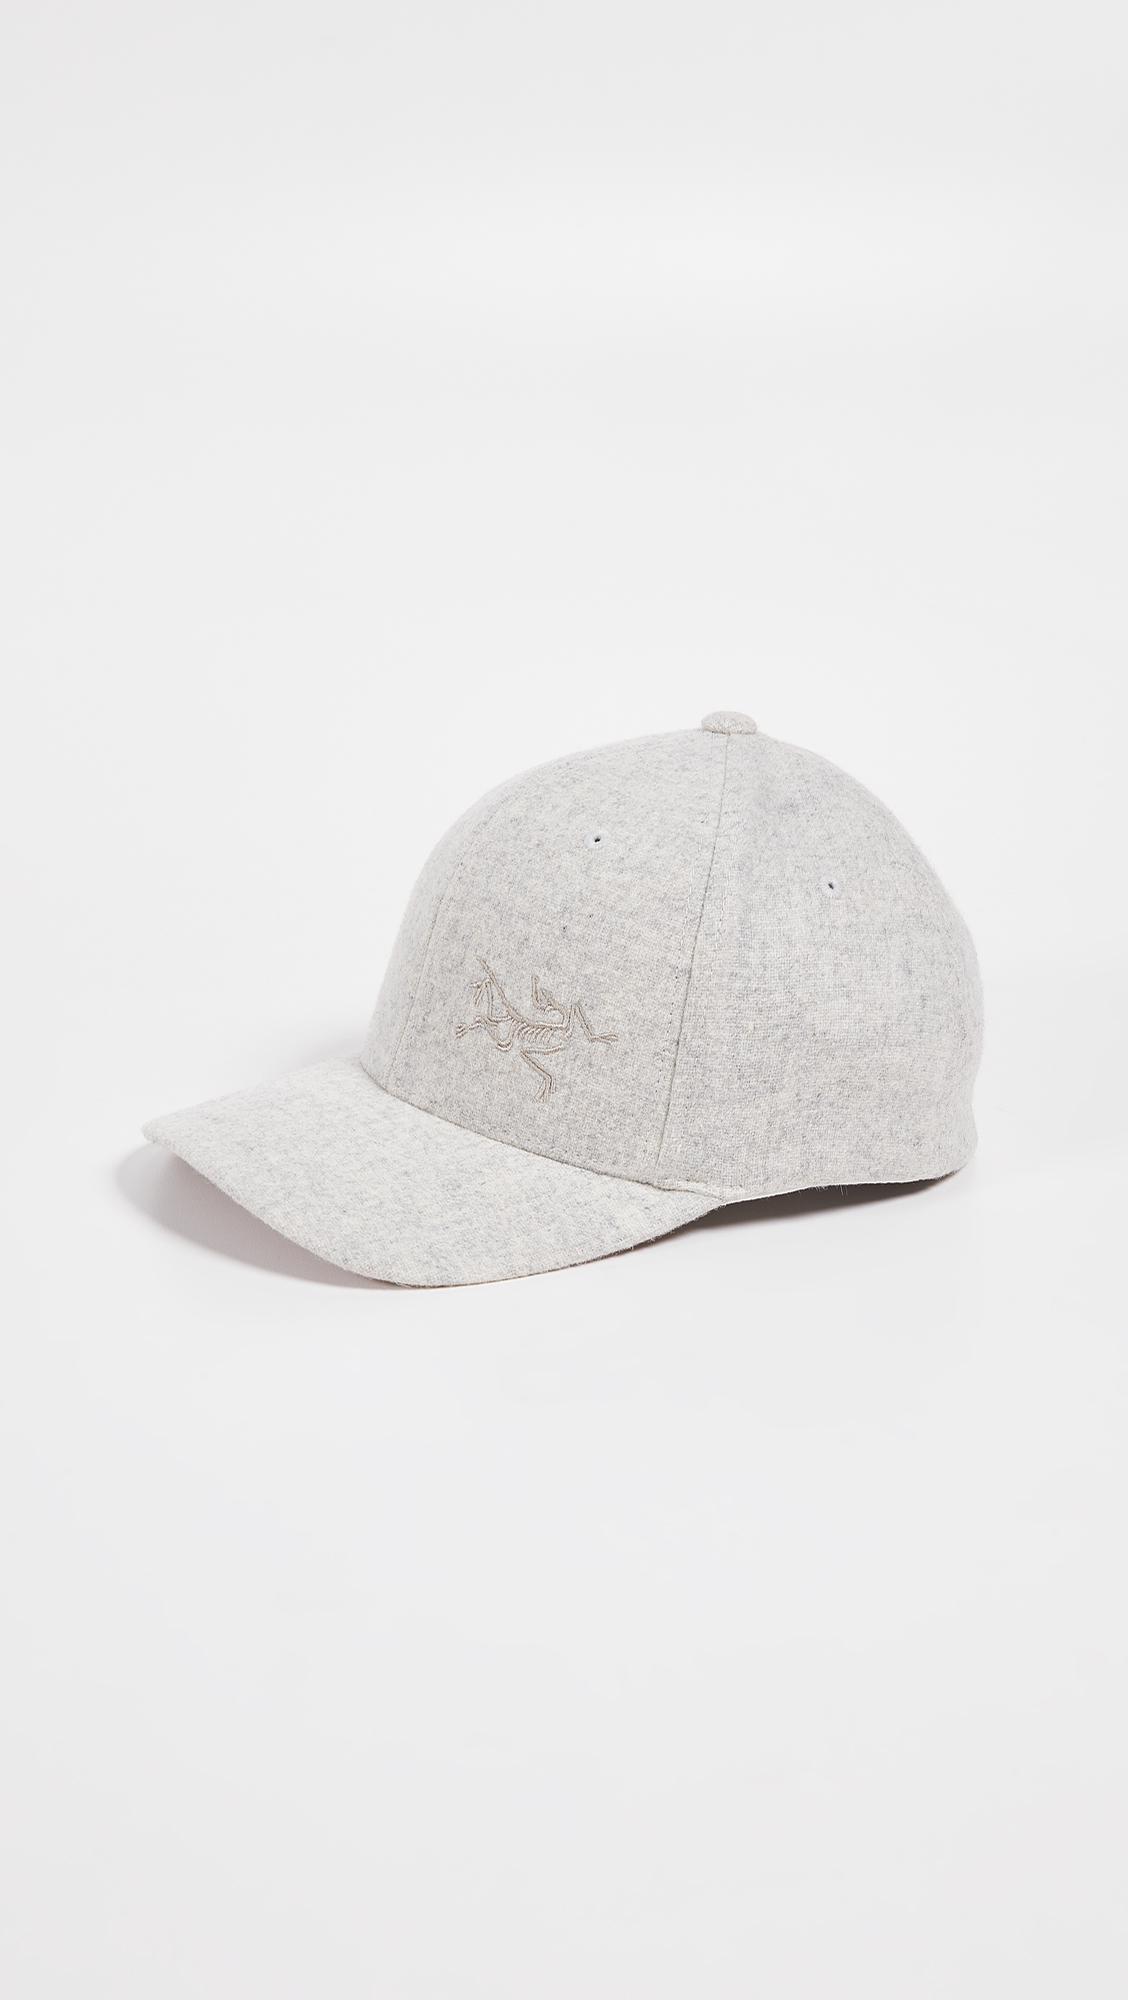 8a088a39e30 Arc'teryx Wool Ball Cap in Gray for Men - Lyst